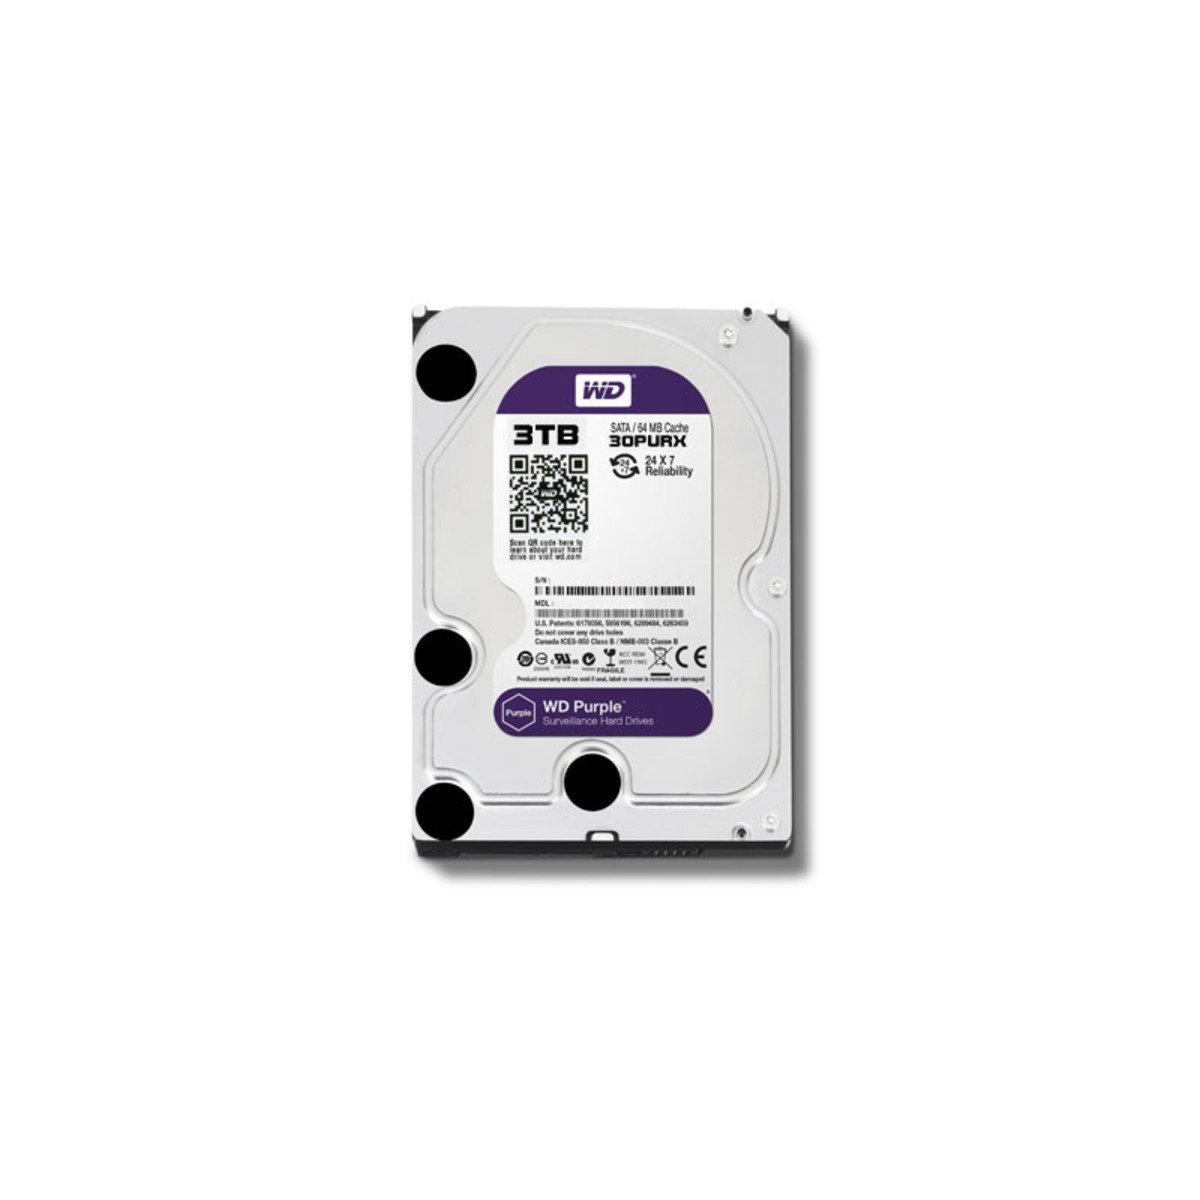 3.5 吋 錄影專用 3TB SATA 內置硬碟 30PURX